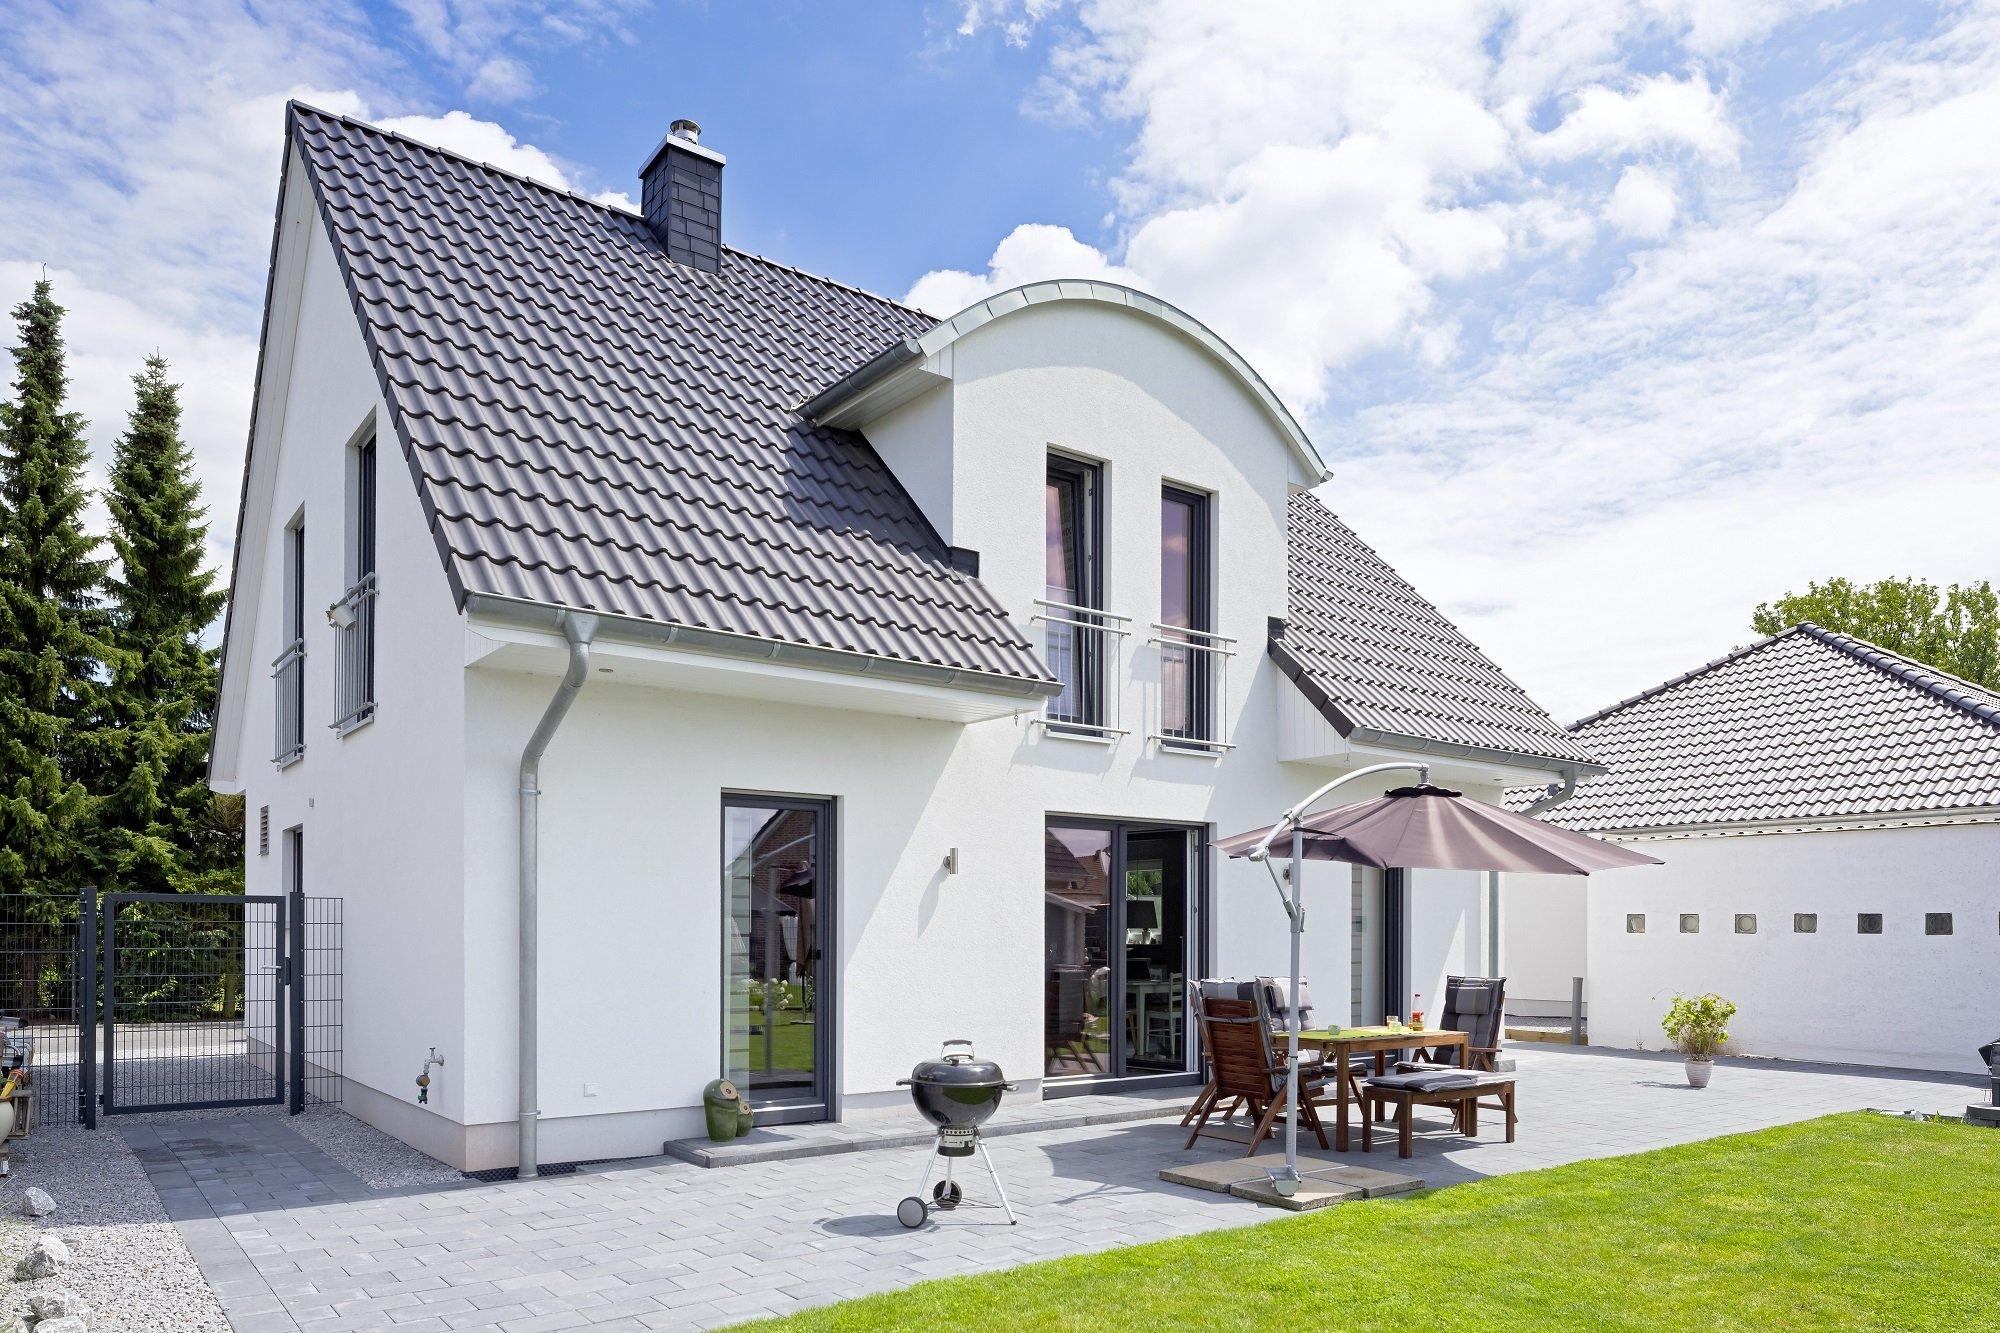 Heinz von Heiden Einfamilienhaus Satteldach weißer Putz Tonnendachgaube Garten